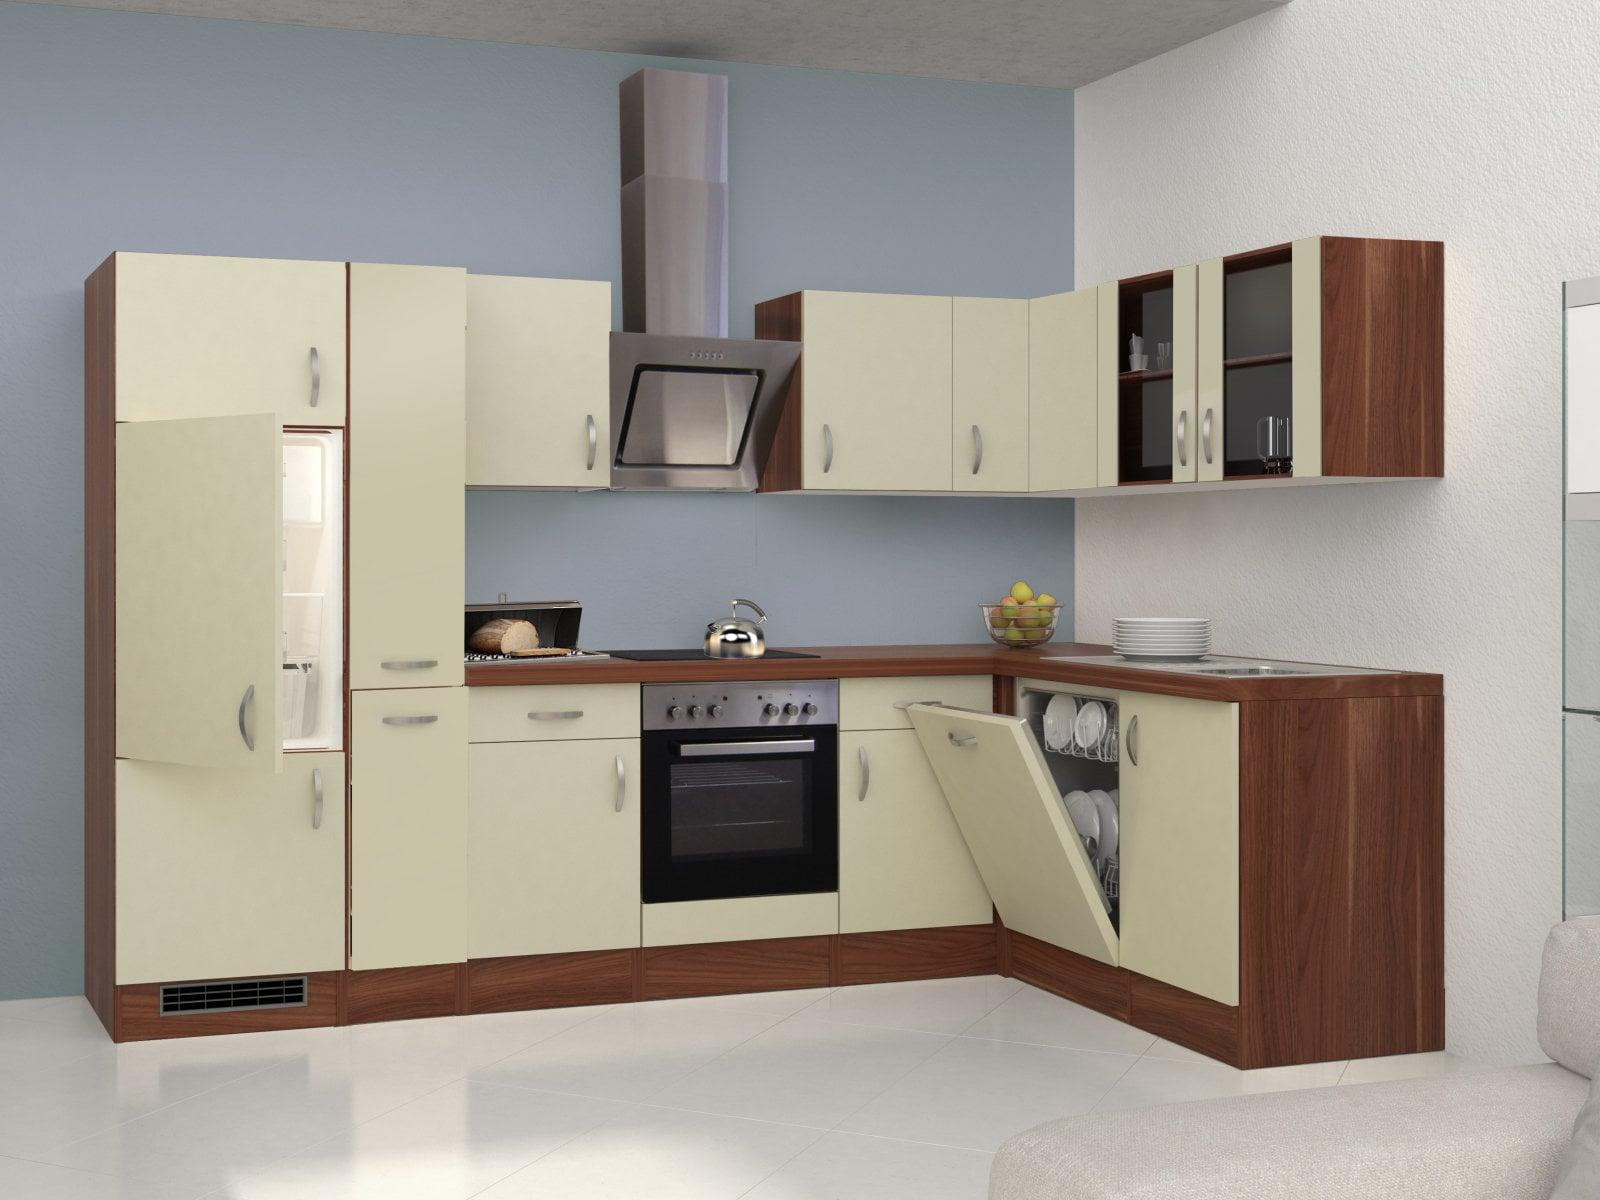 Roller Küchen 9  Test, Preise, Qualität, Musterküchen